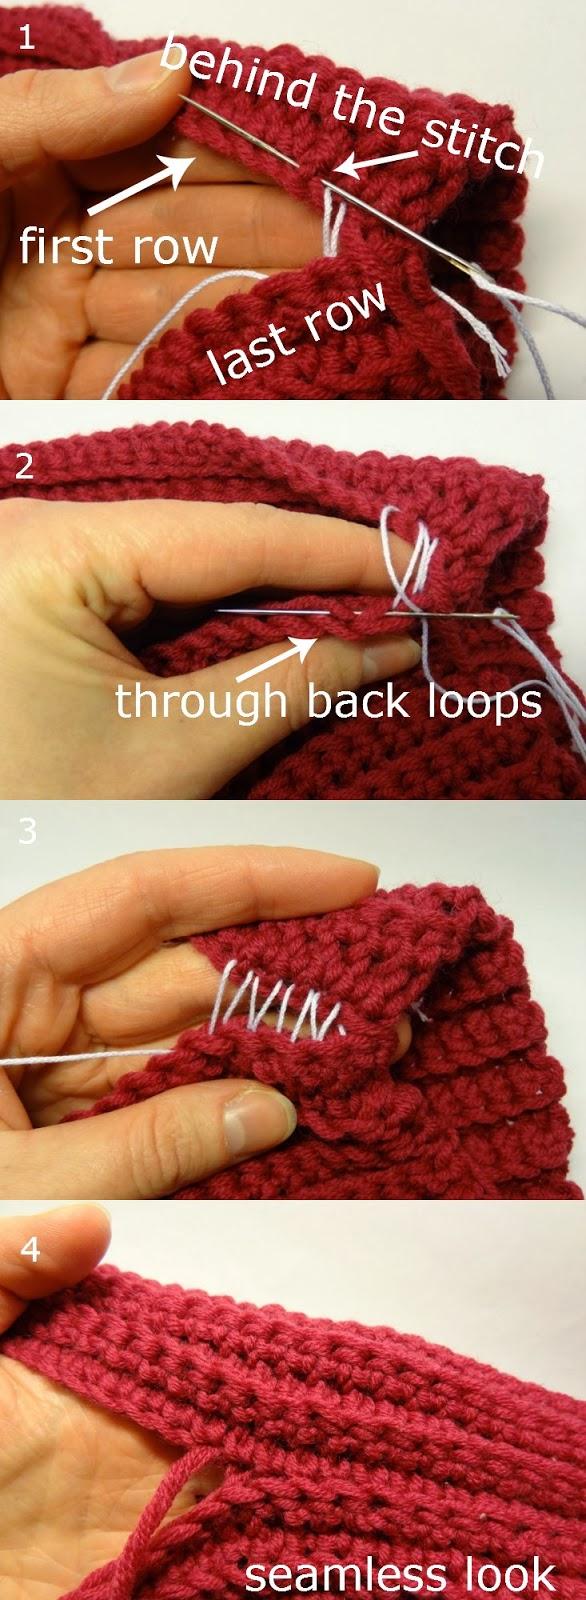 Crochet Doll - Boots & Legs - Free Tutorial & Pattern   Crochet ...   1600x586